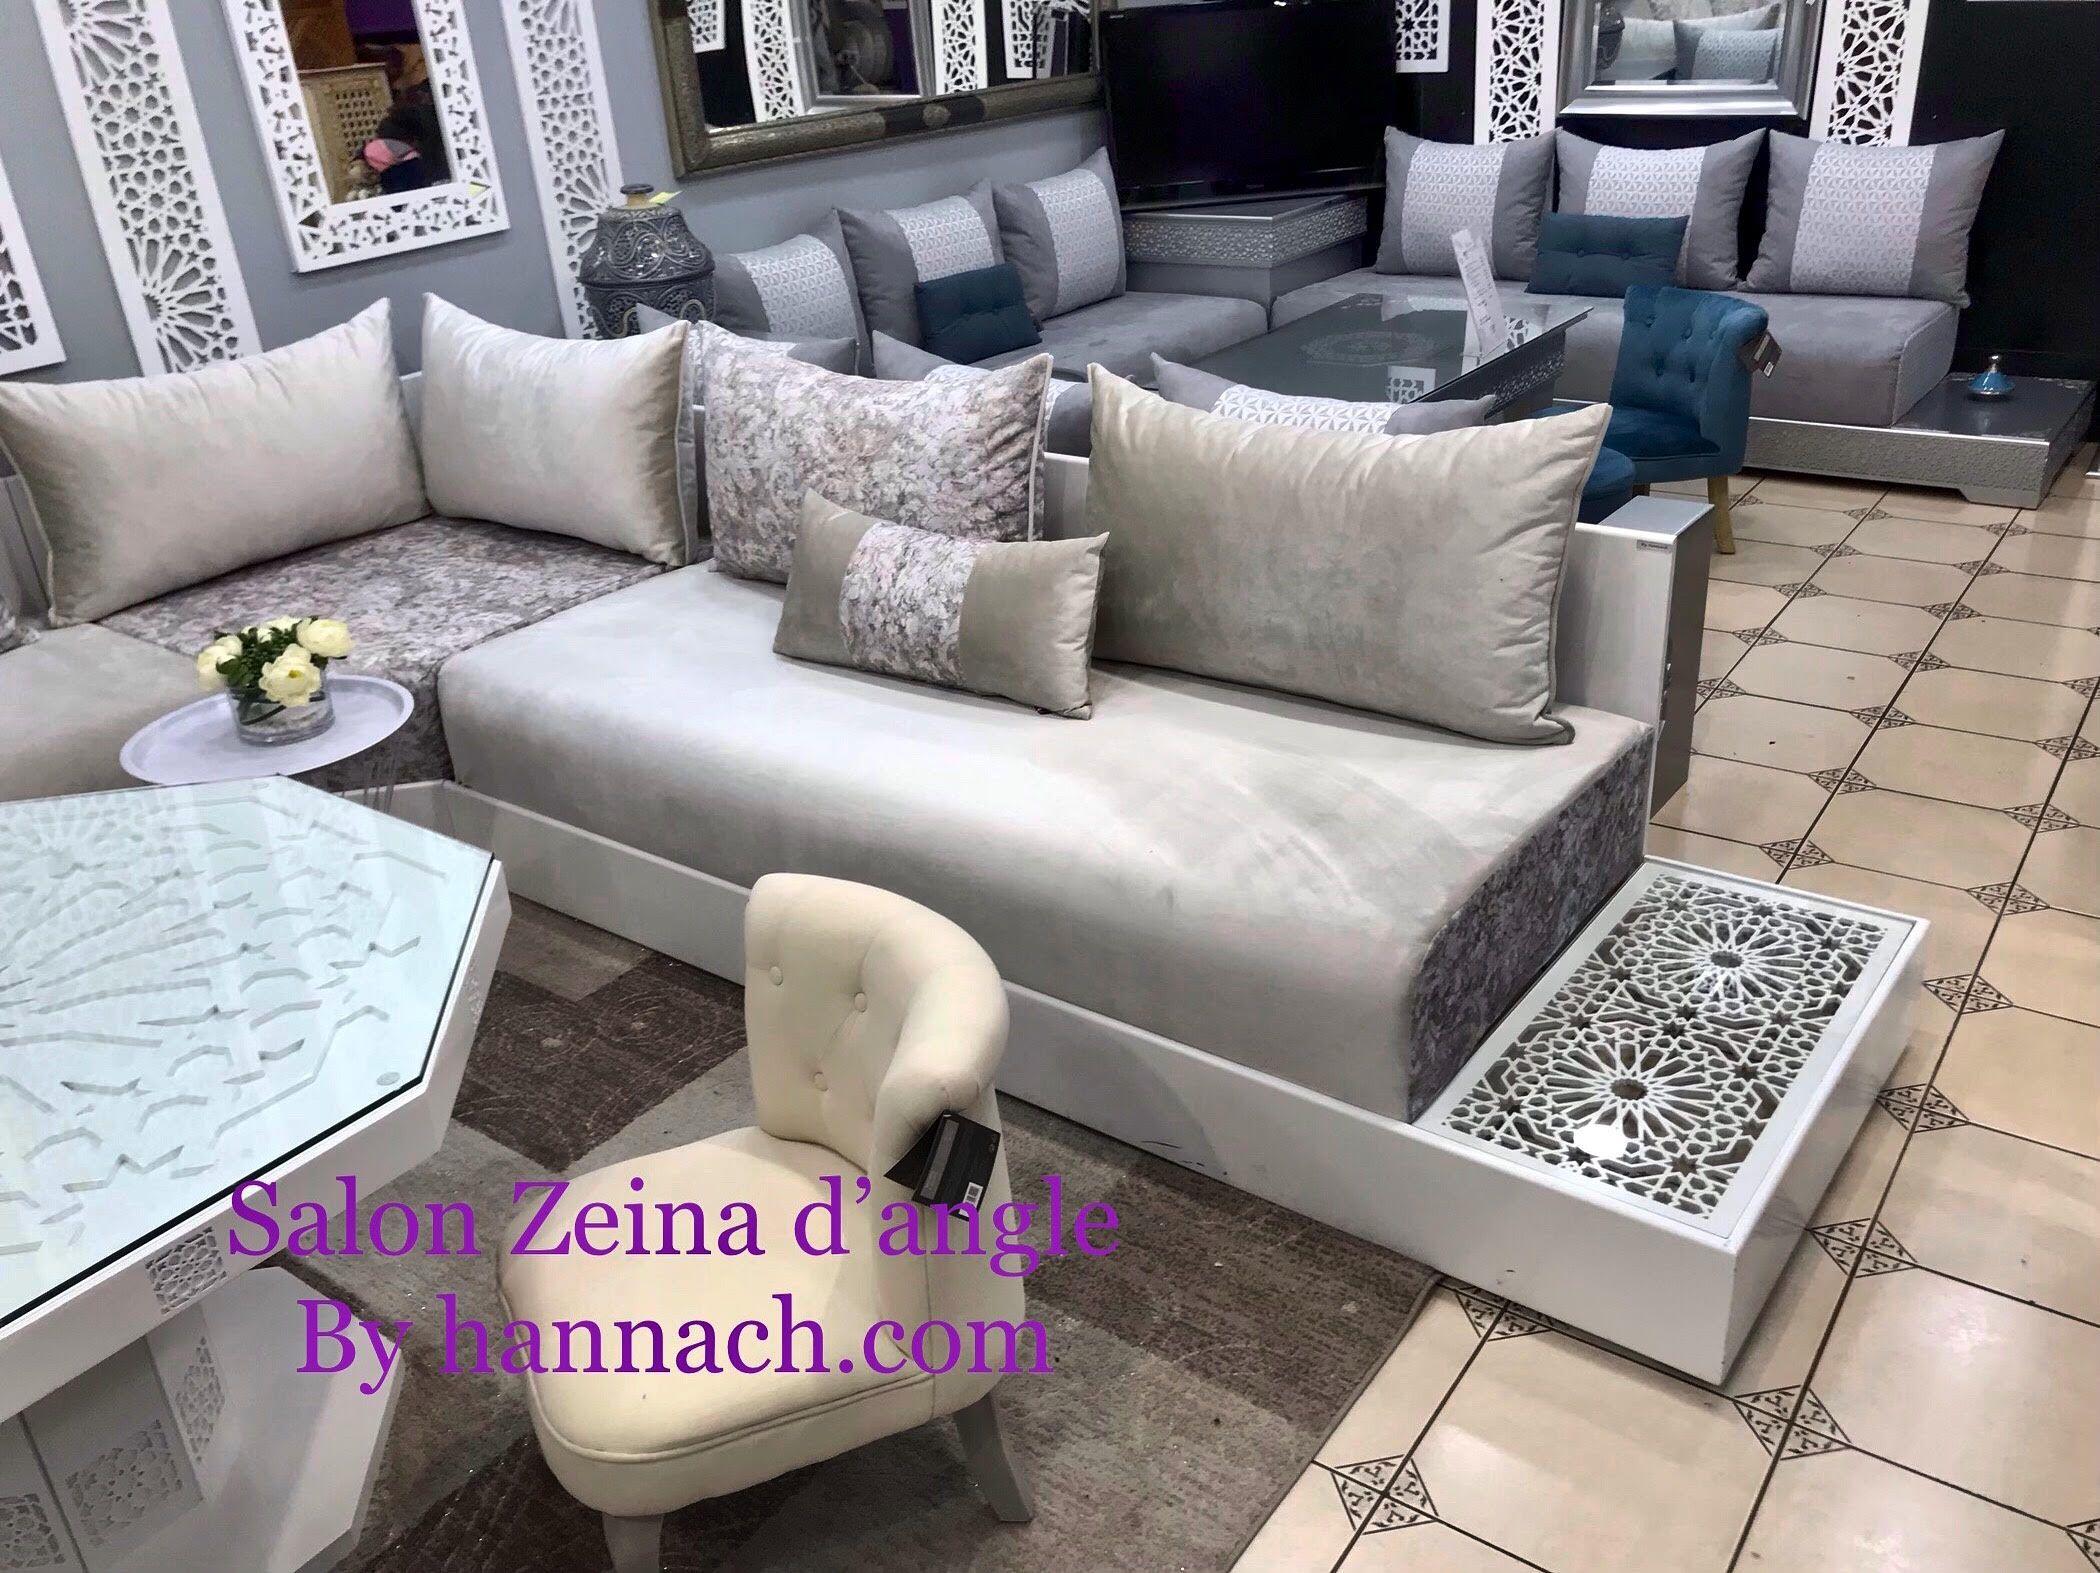 Salon Zeina D Angle Salon Salam Hannach Salon Marocain Design Decoration Salon Marocain Moderne Salon Marocain